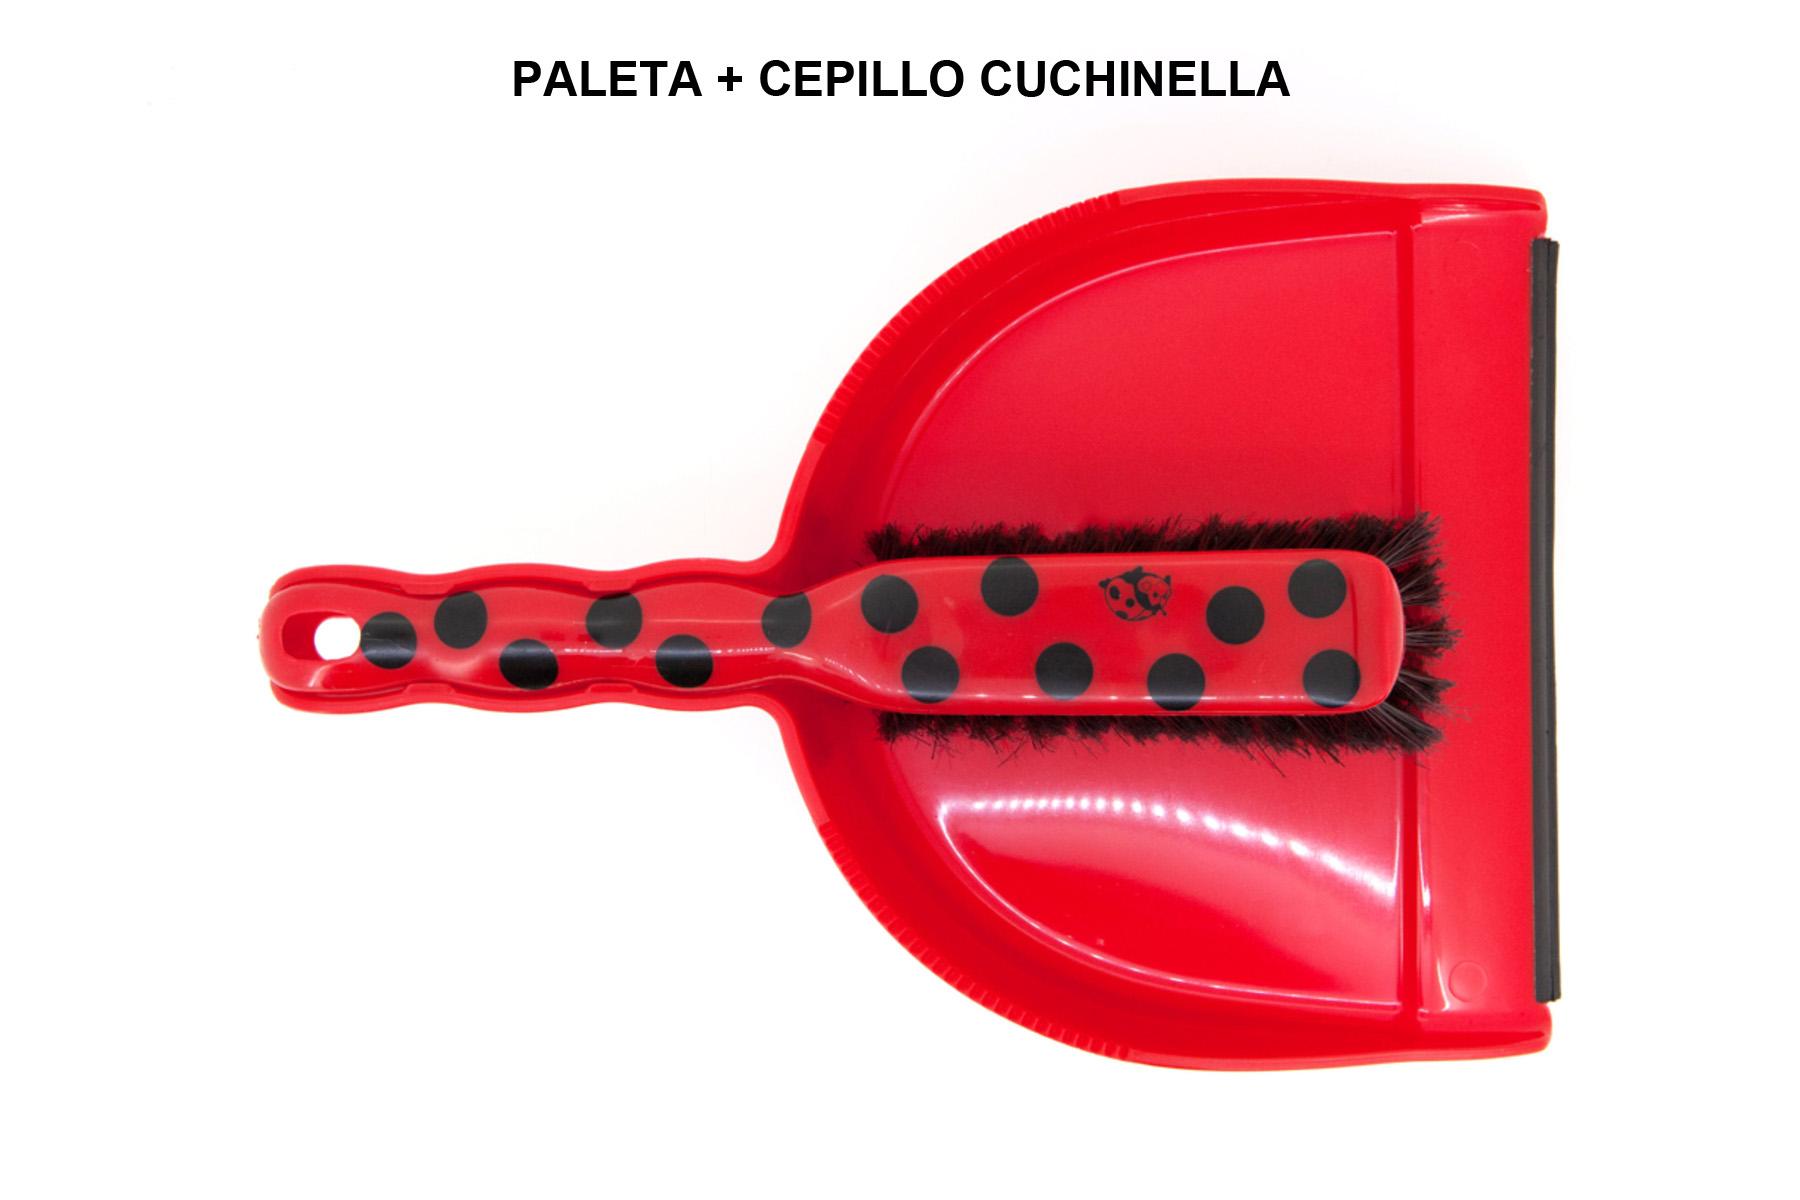 PALETA + CEPILLO CUCHINELLA